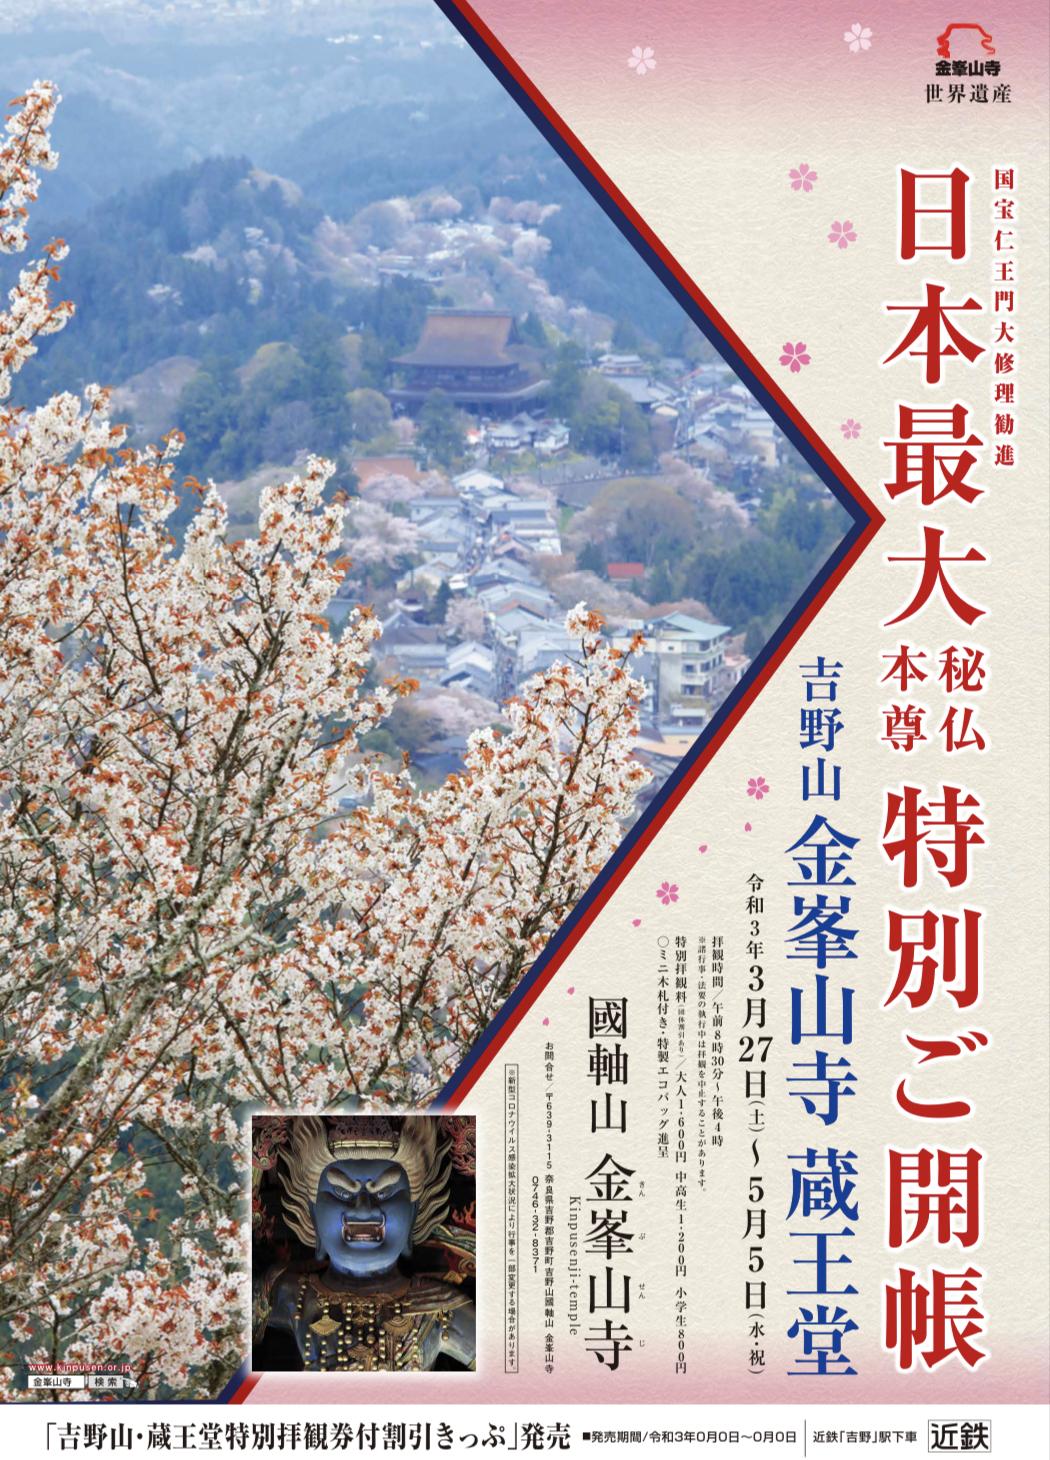 日本最大の秘仏本尊金剛蔵王大権現